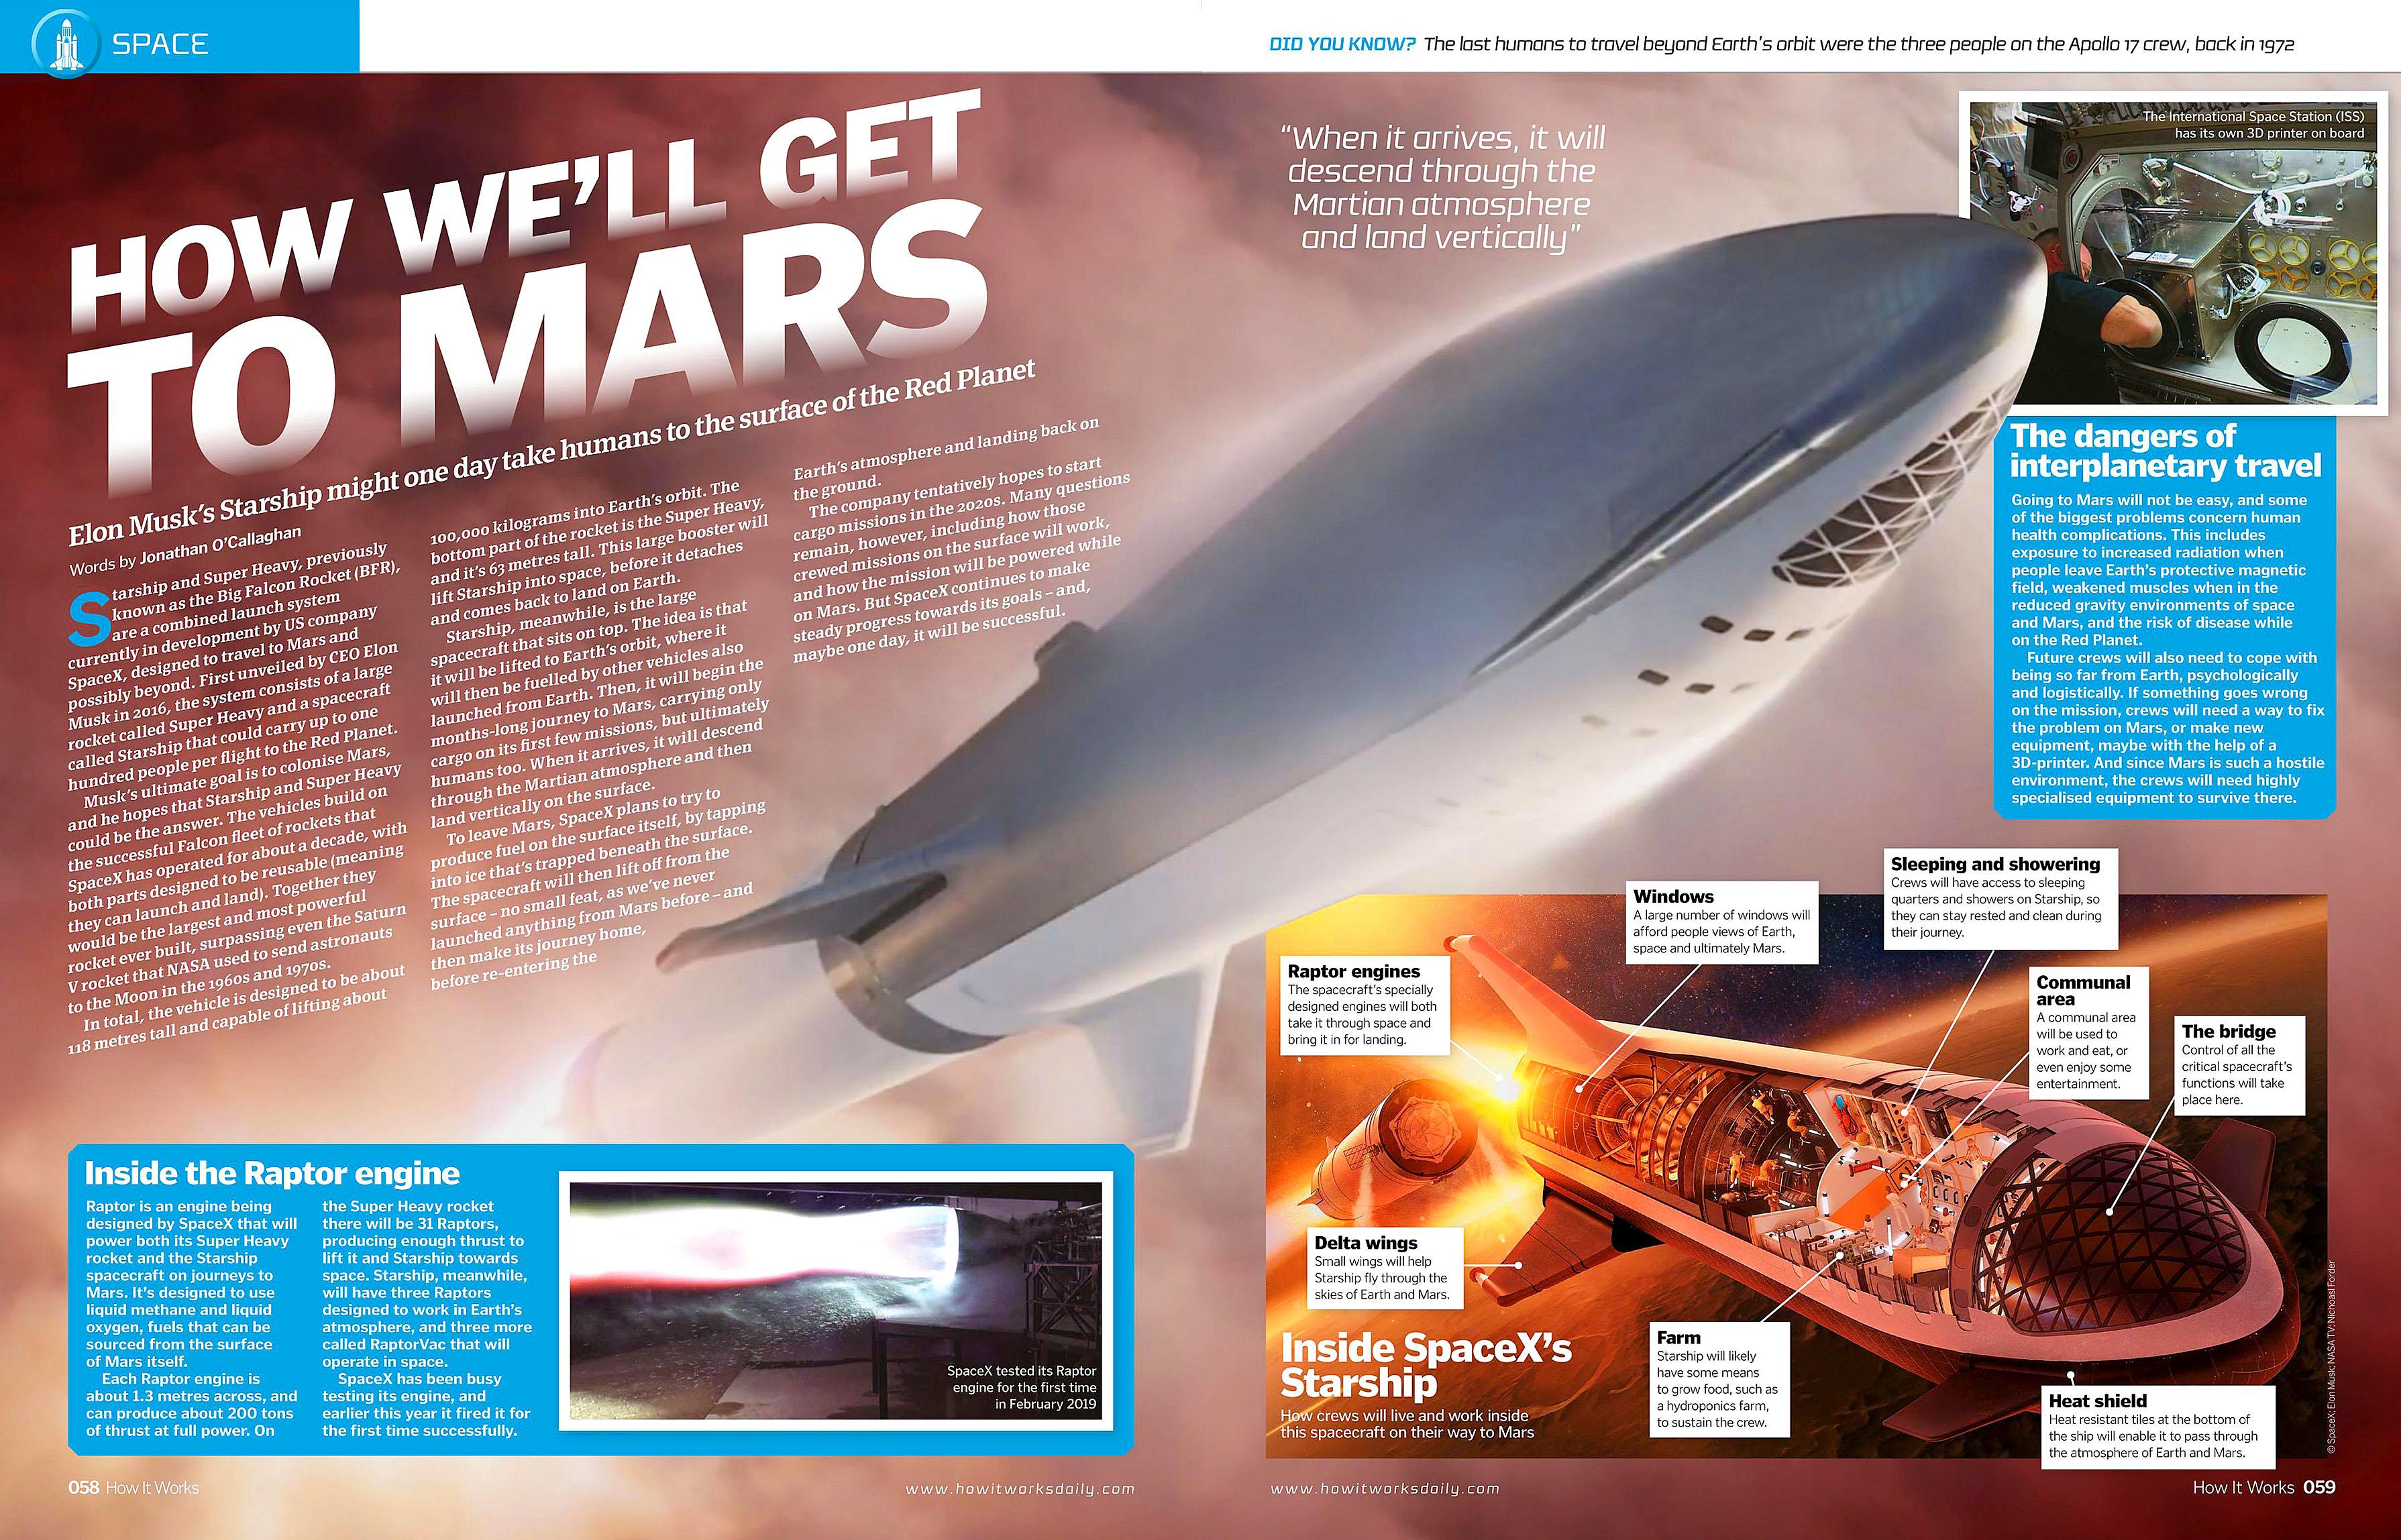 How It Works 127 2019 Mars.jpg